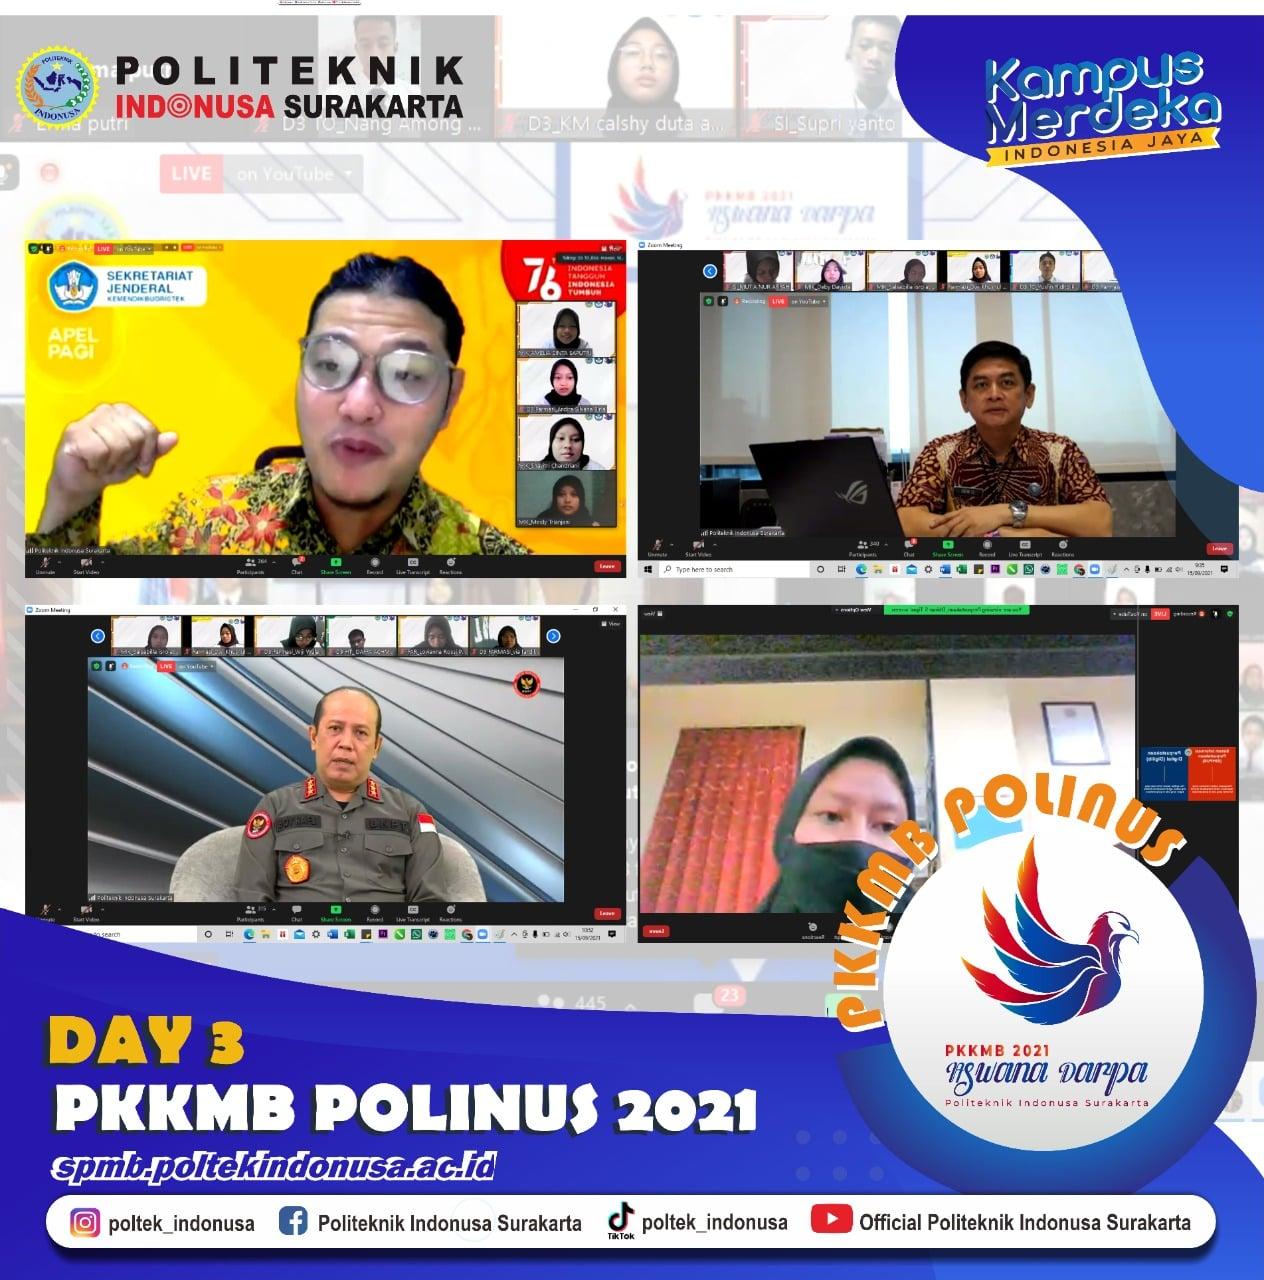 Masuk Hari Ketiga PKKMB Polinus 2021